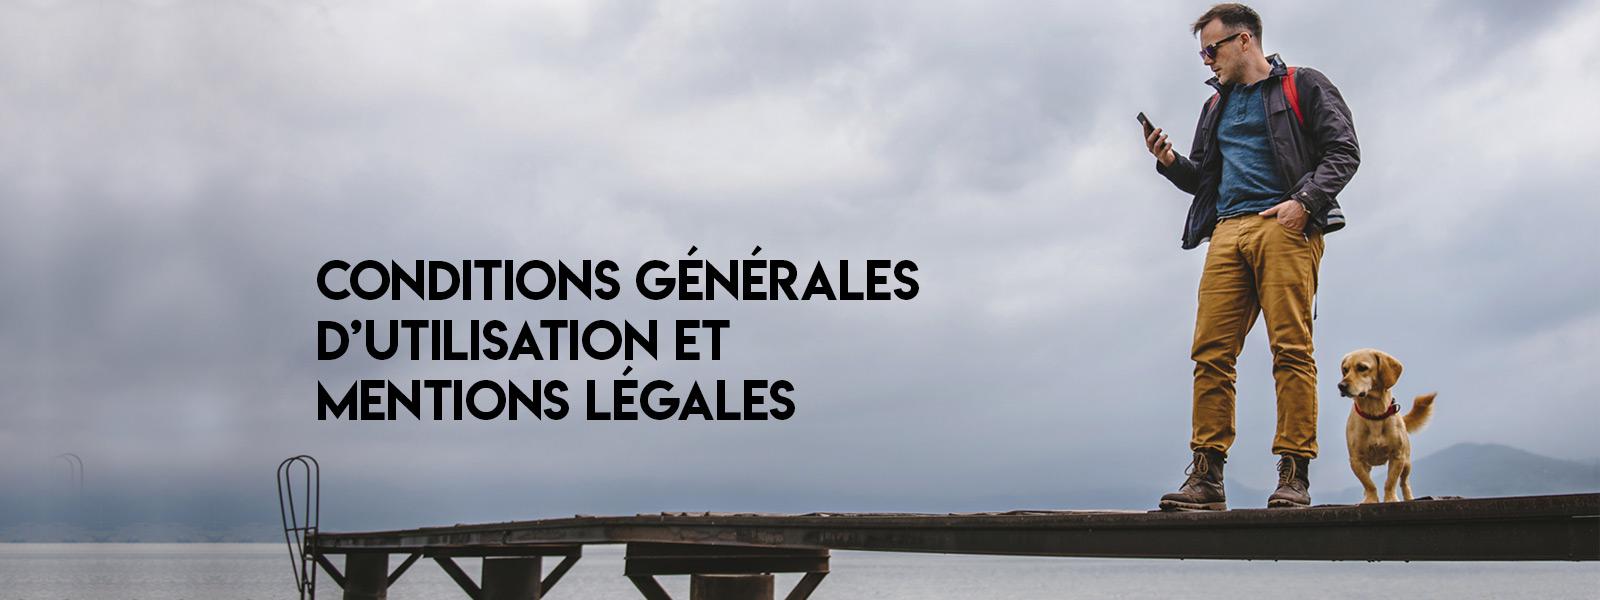 Conditions générales d'utilisation et mentions légales 1